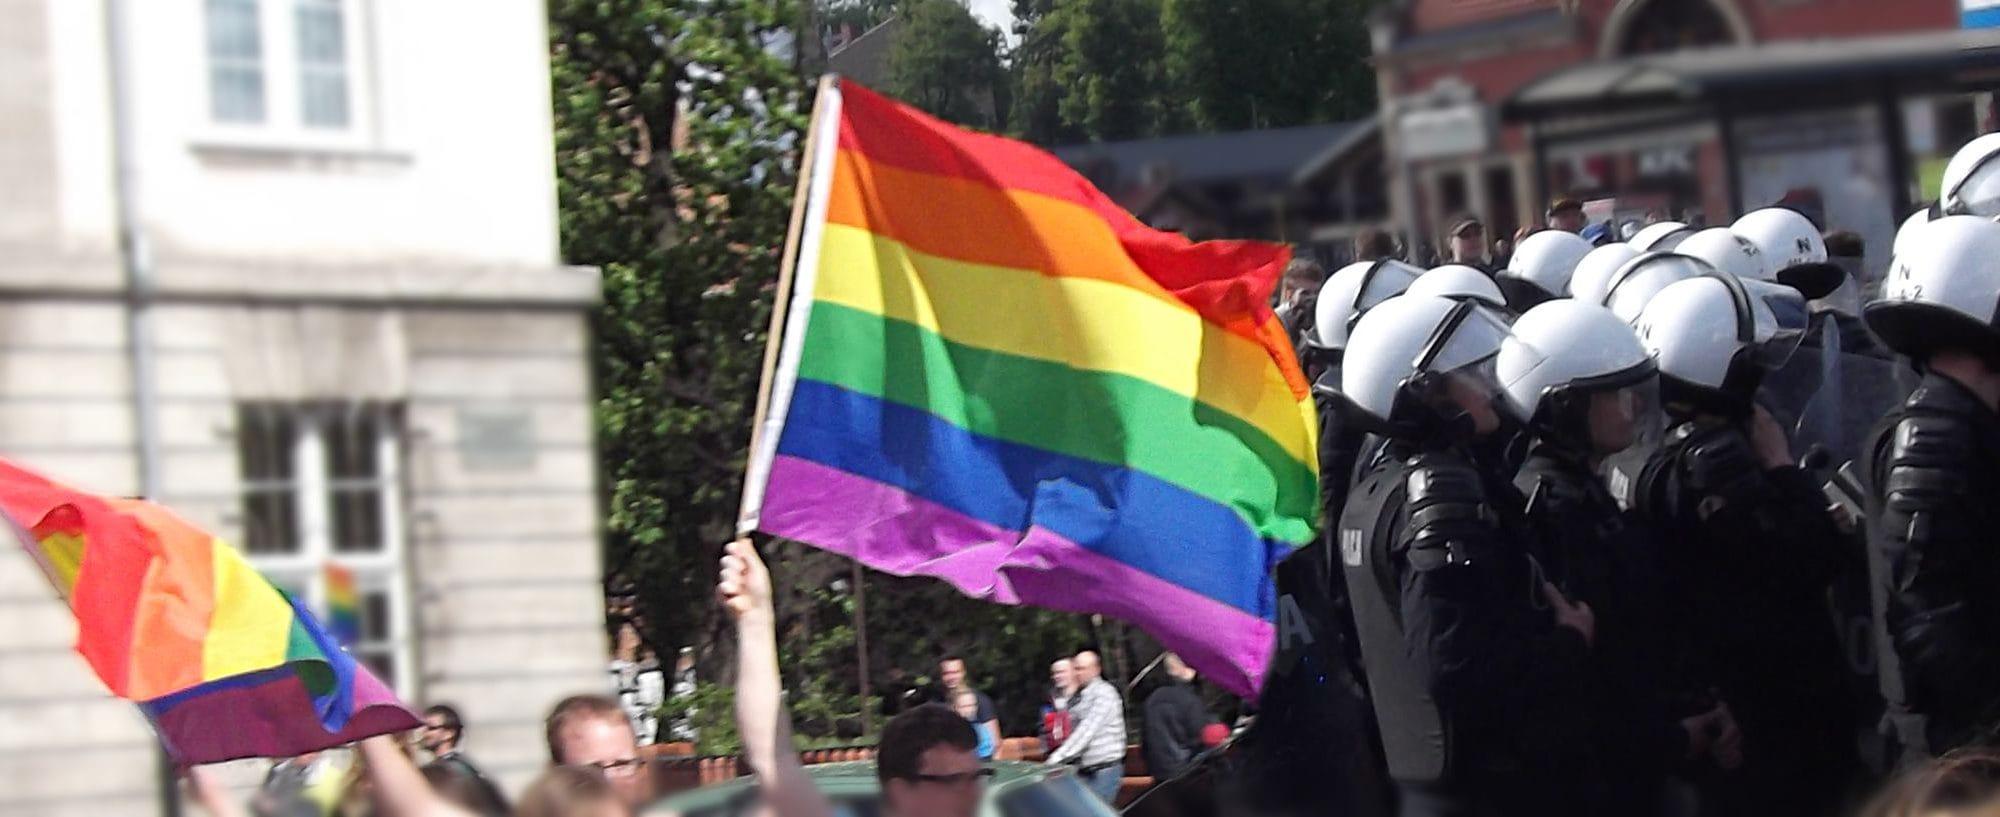 Pierwszy Trójmiejski Marsz Równości - 2015 rok